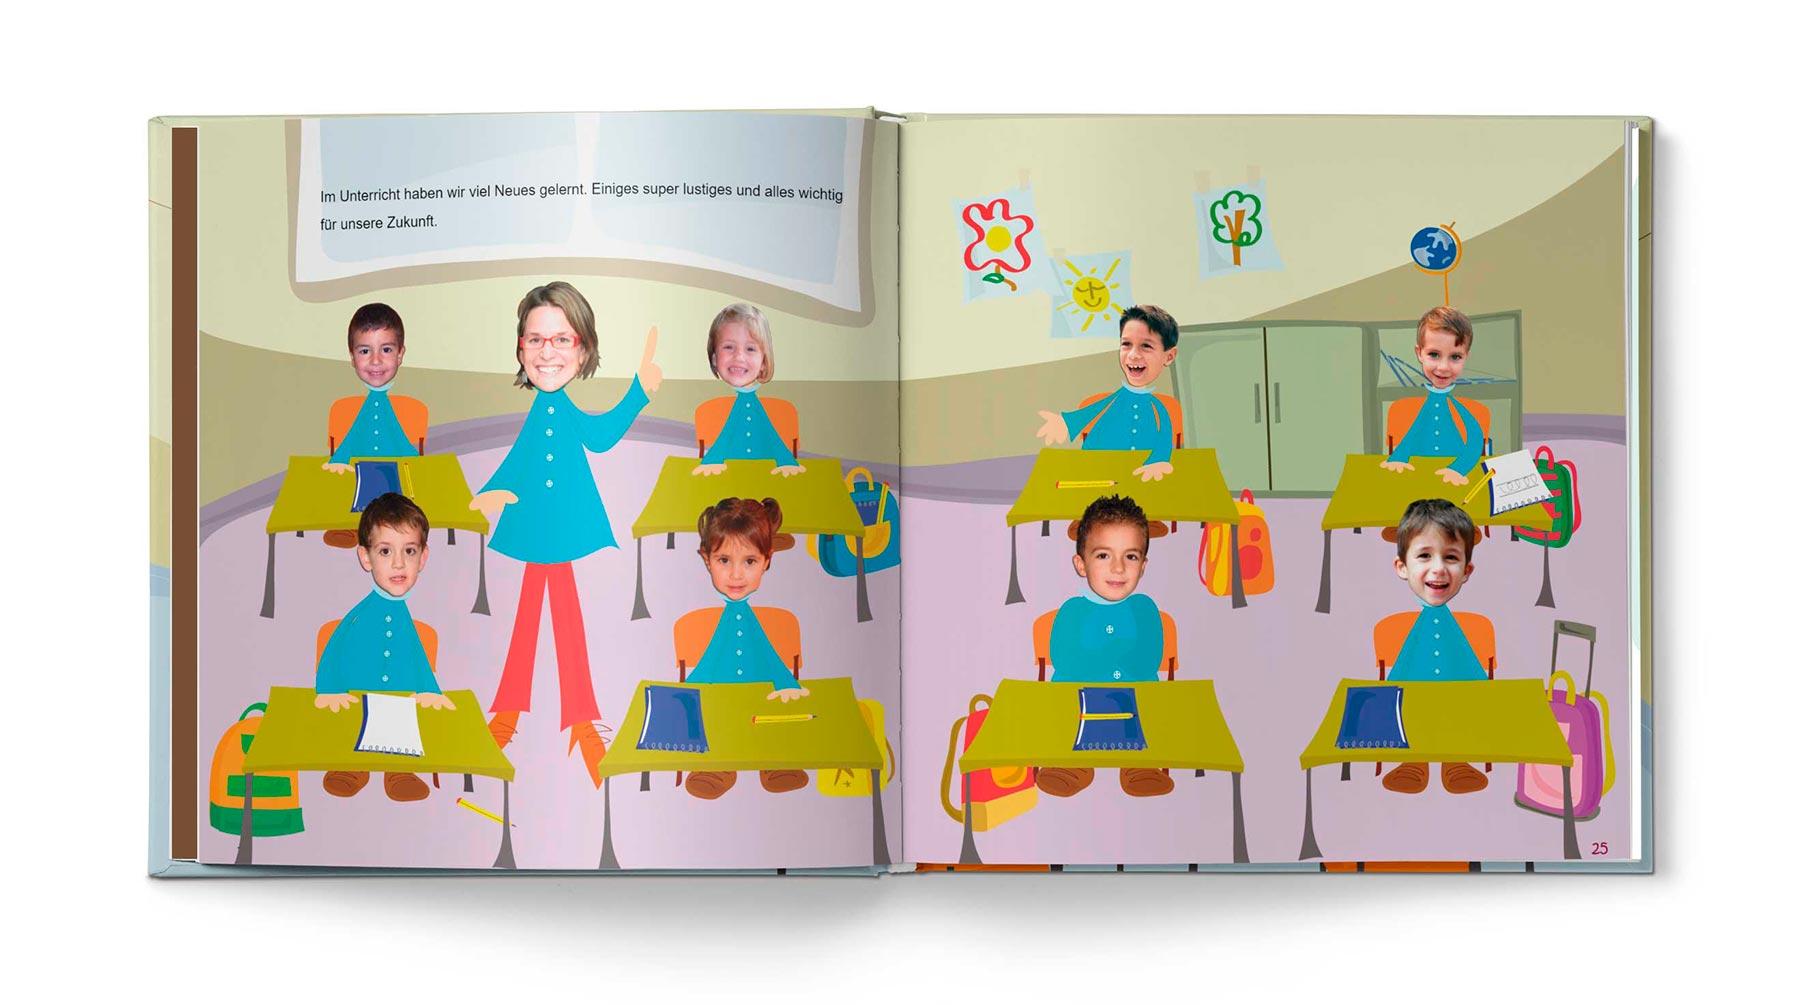 Geschichte Das Schulbuch - Bild 12